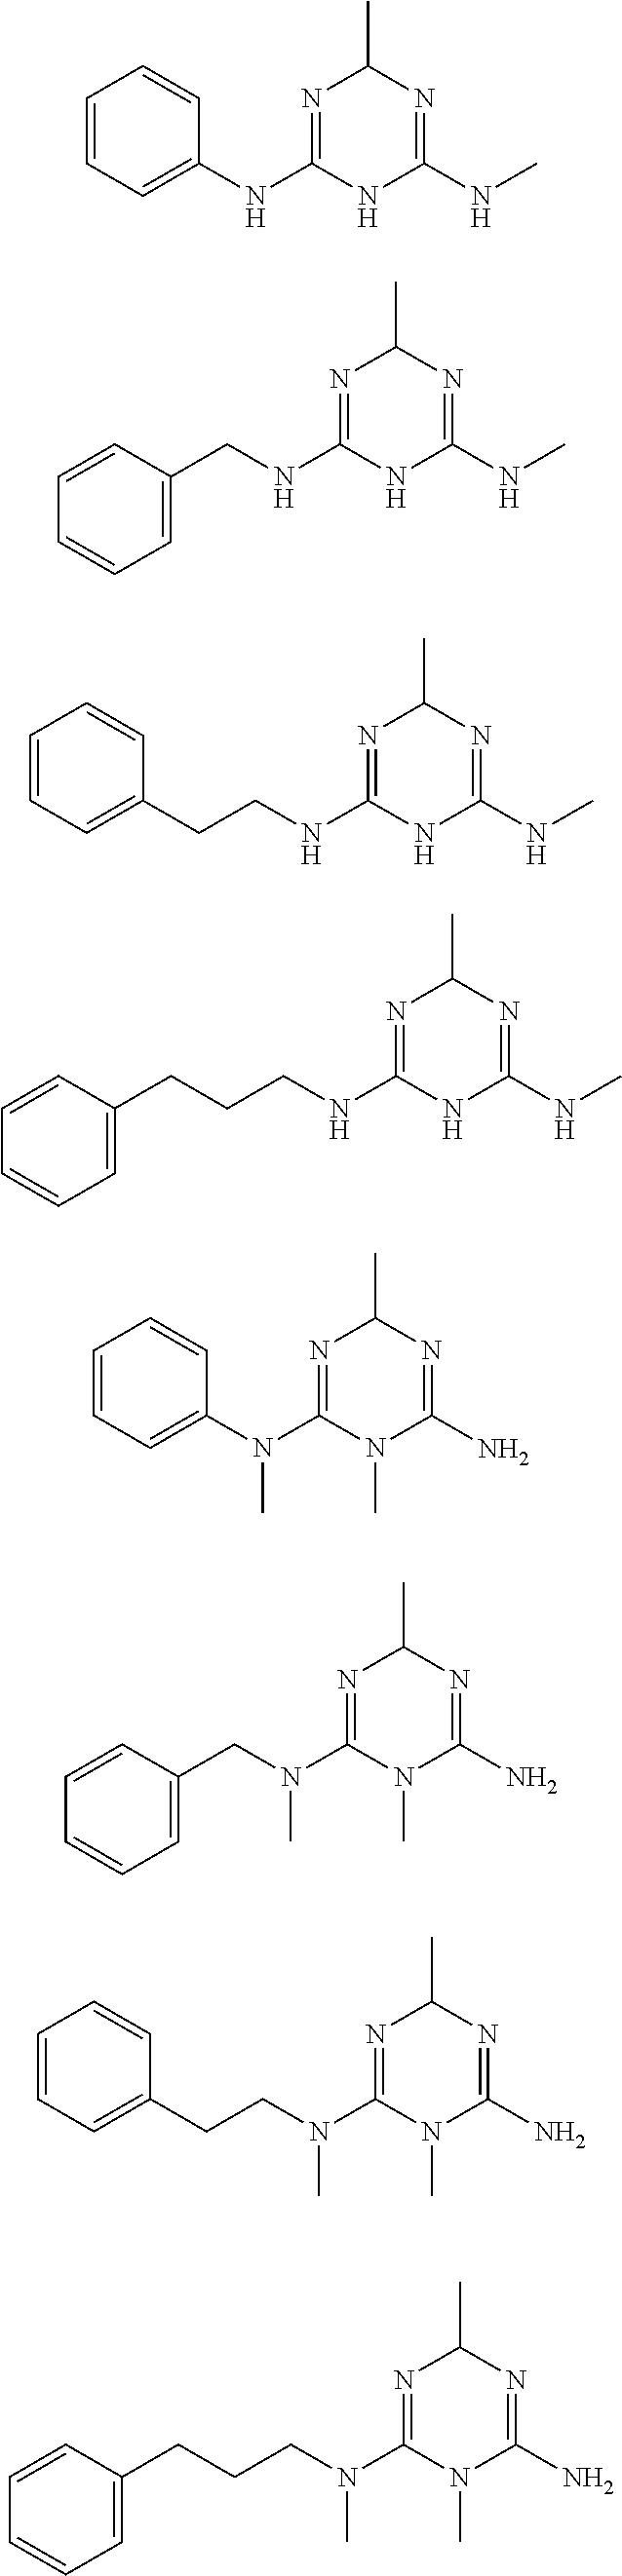 Figure US09480663-20161101-C00171